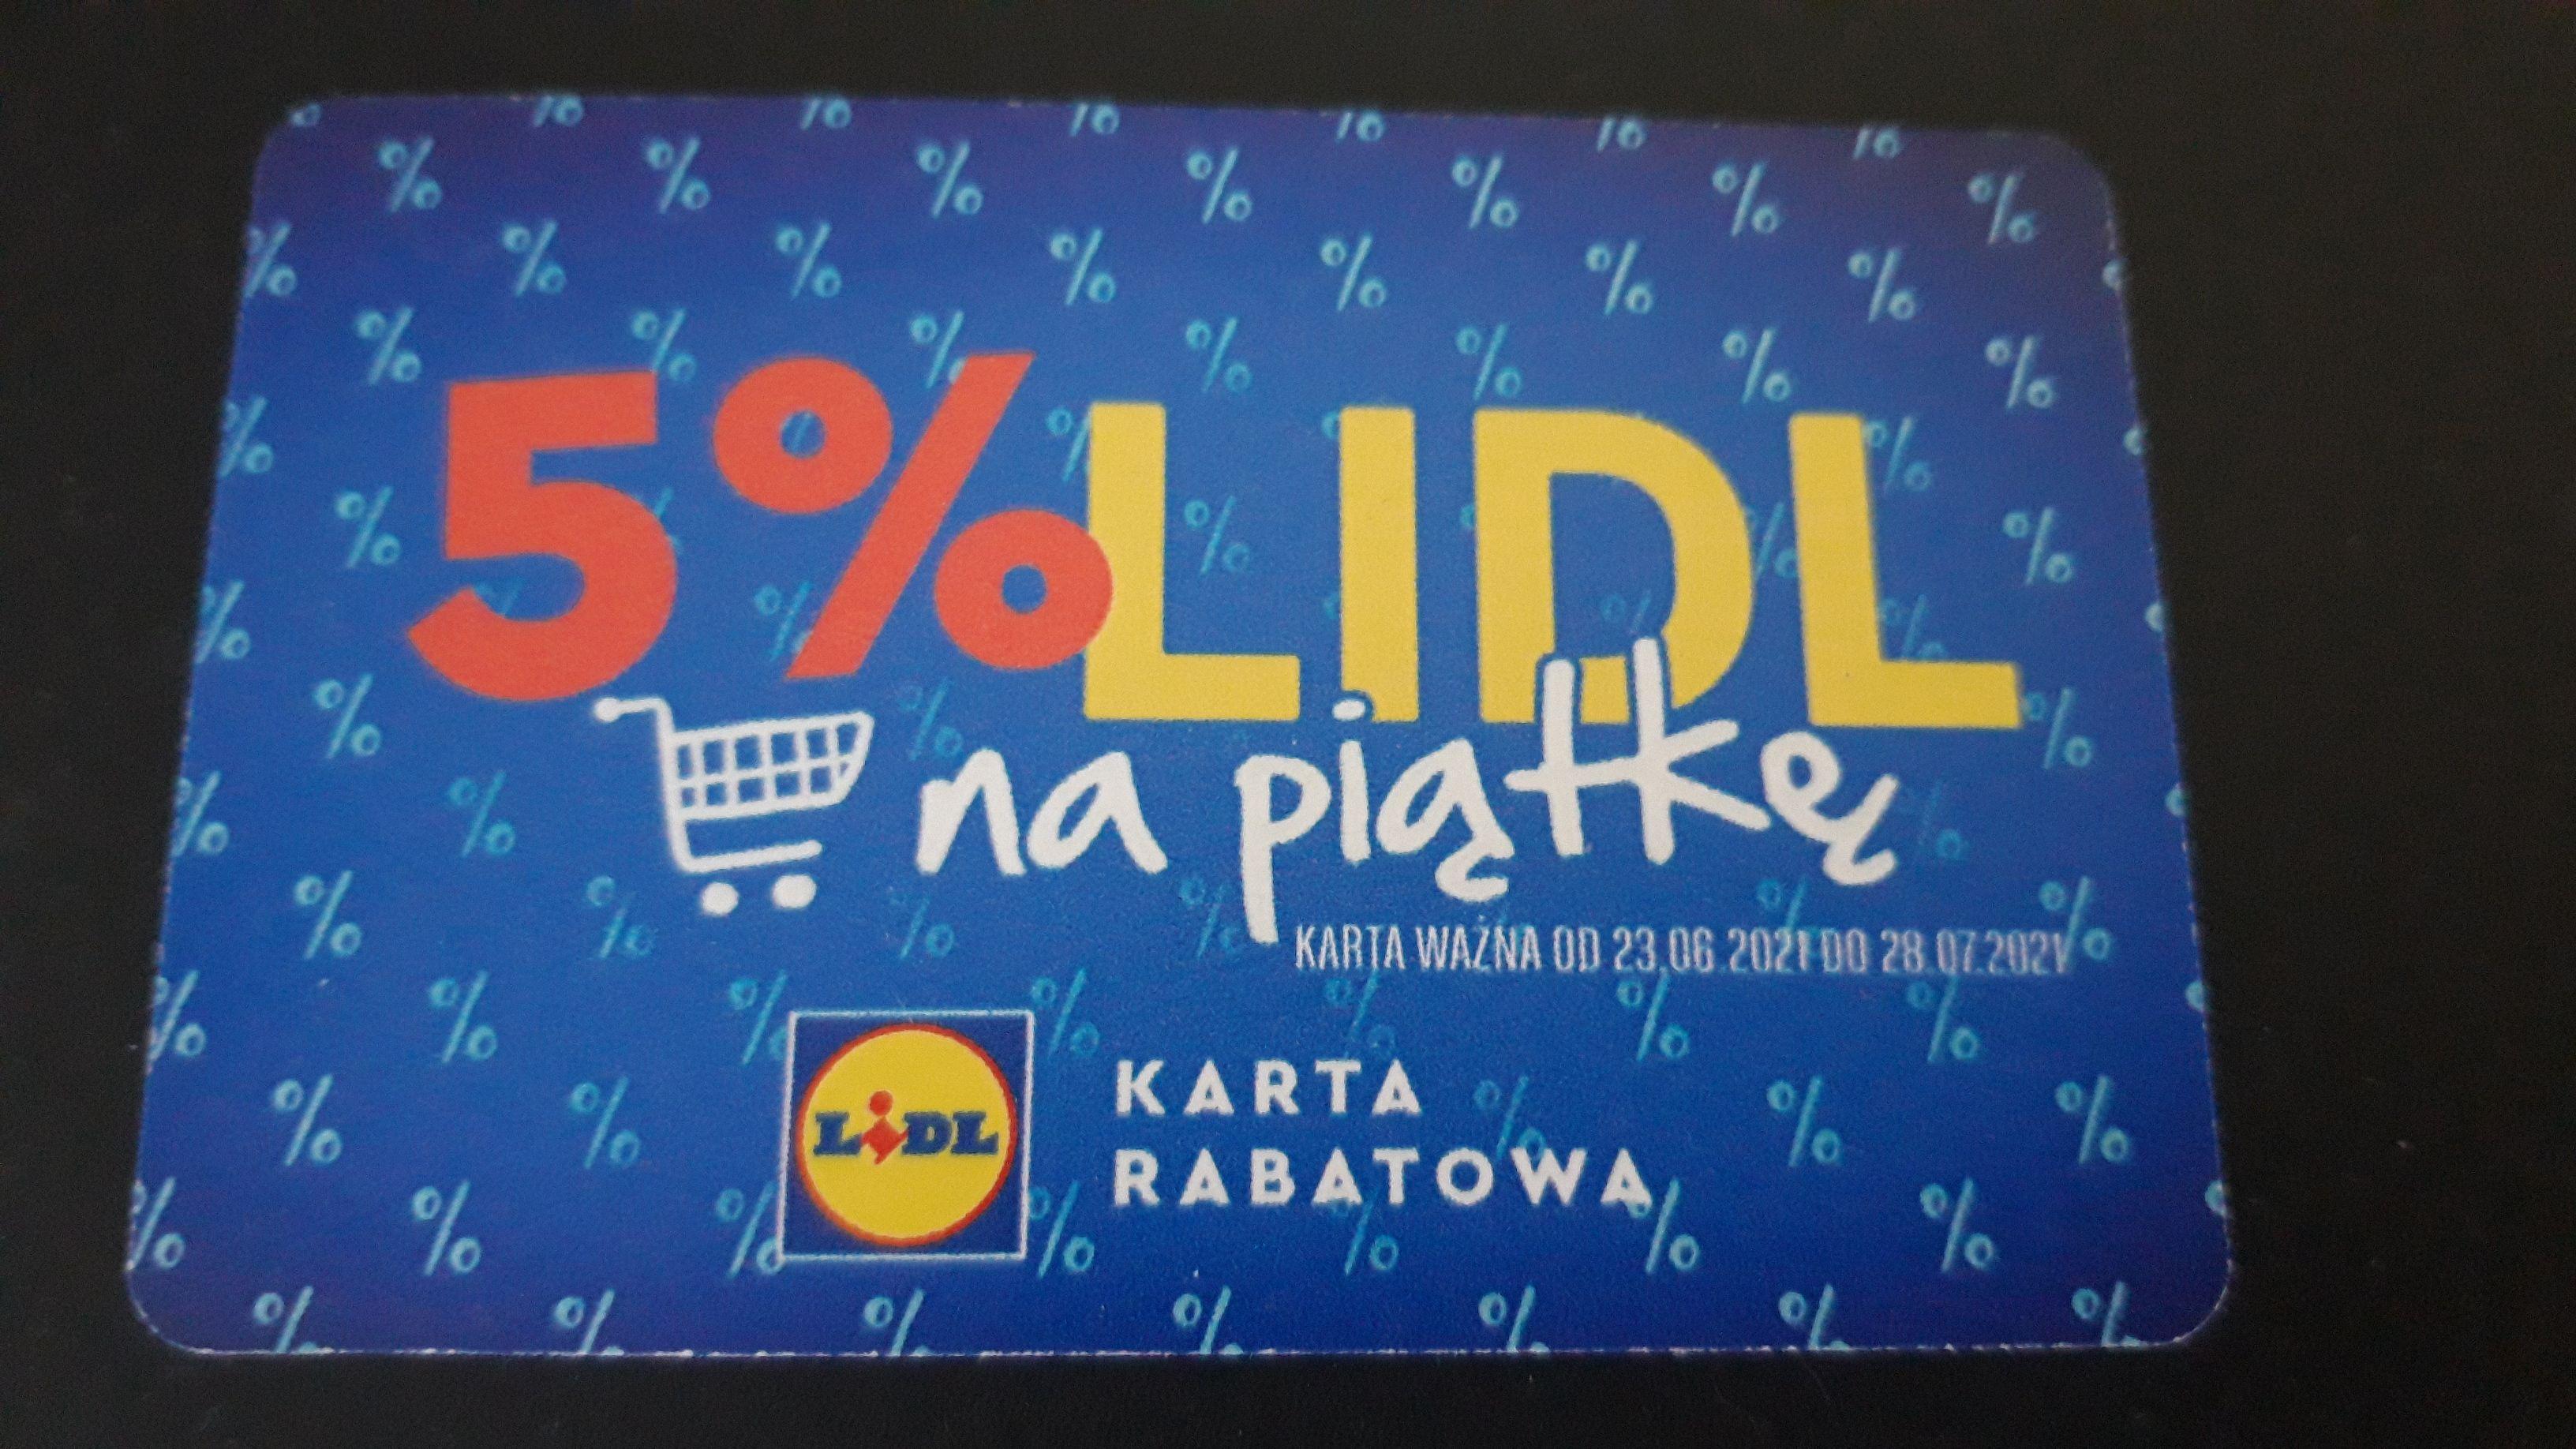 Karta rabatowa -5% na zakupy w Lidl Płock w dniach 23.06-28.07.2021r.